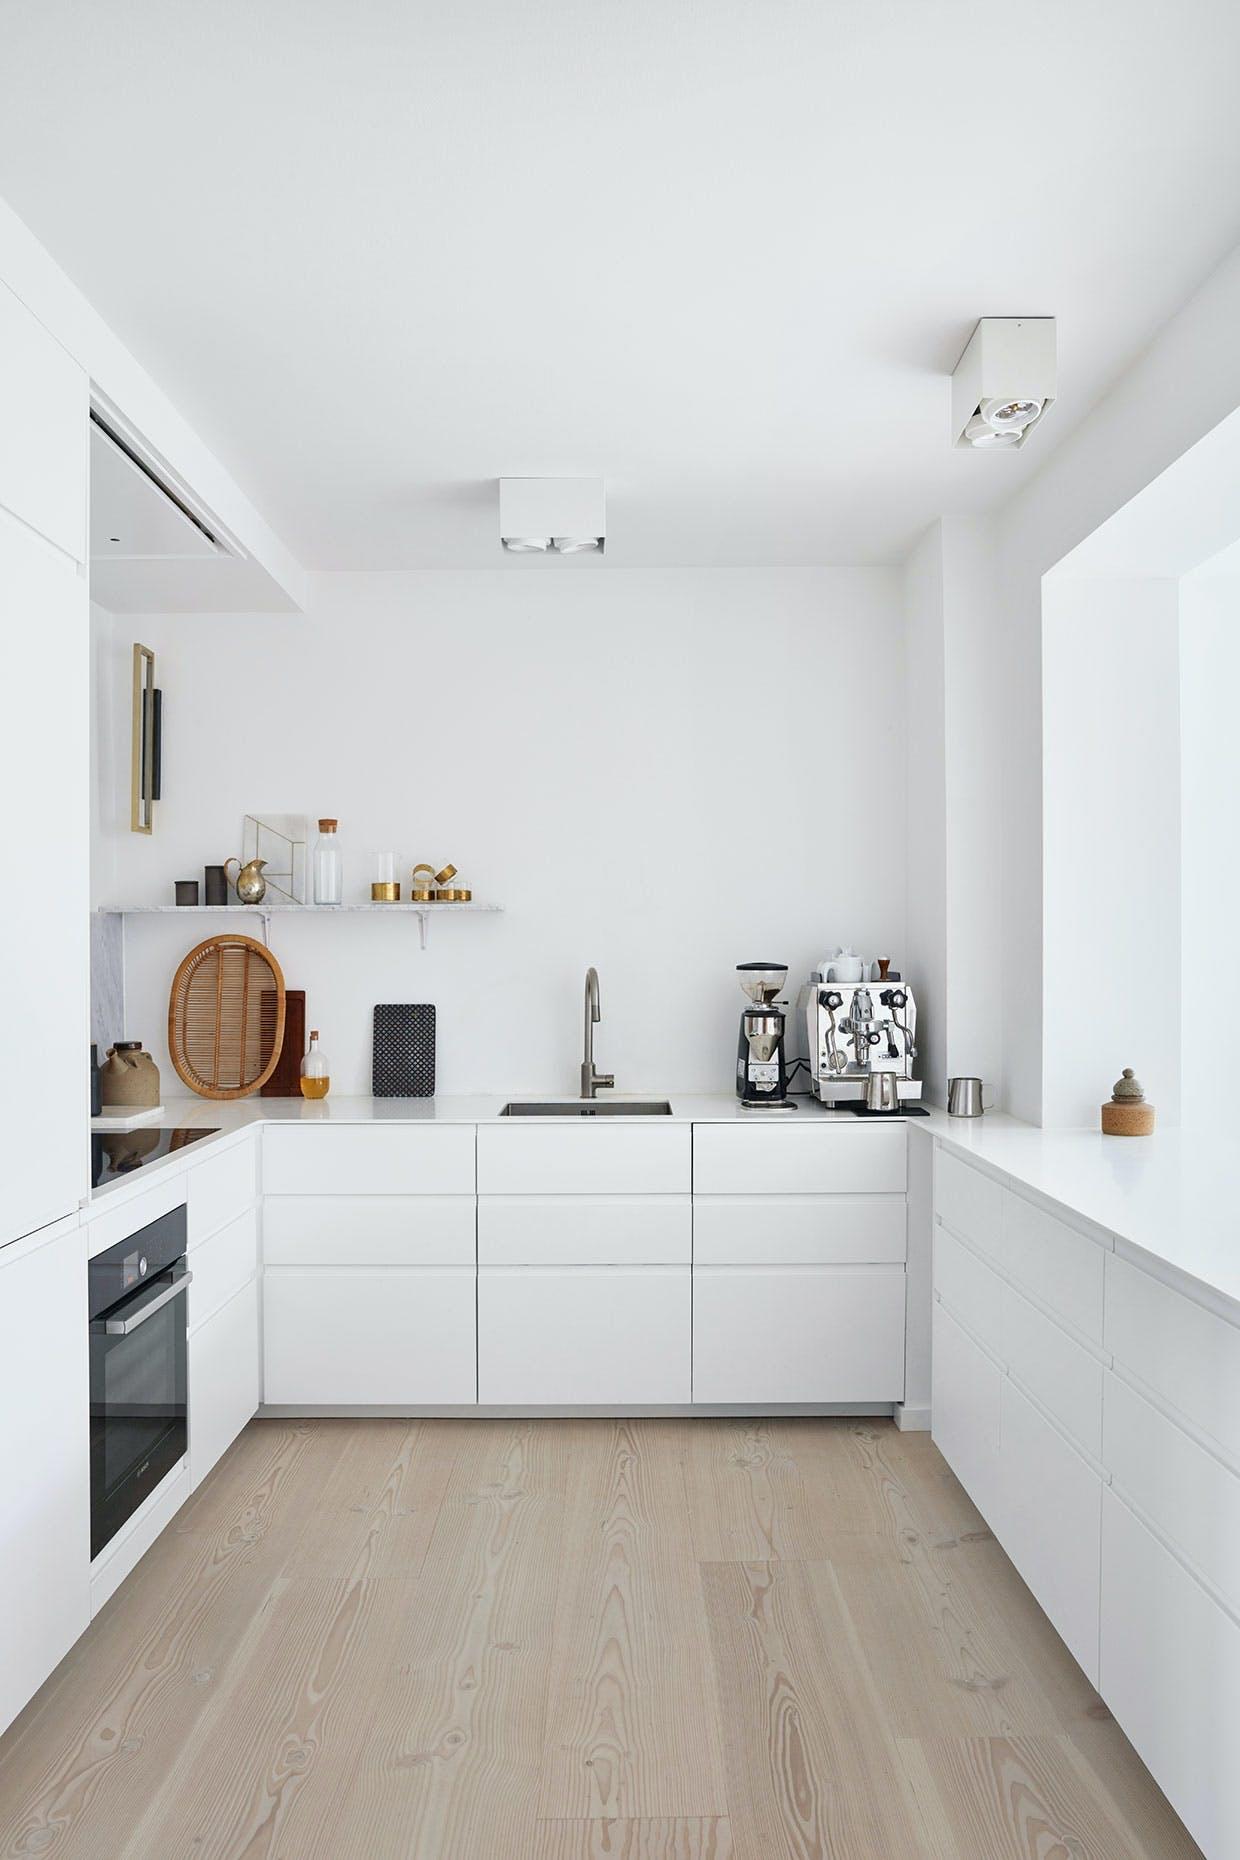 køkken ikea hvidt ellisellis lampe kaffemaskine